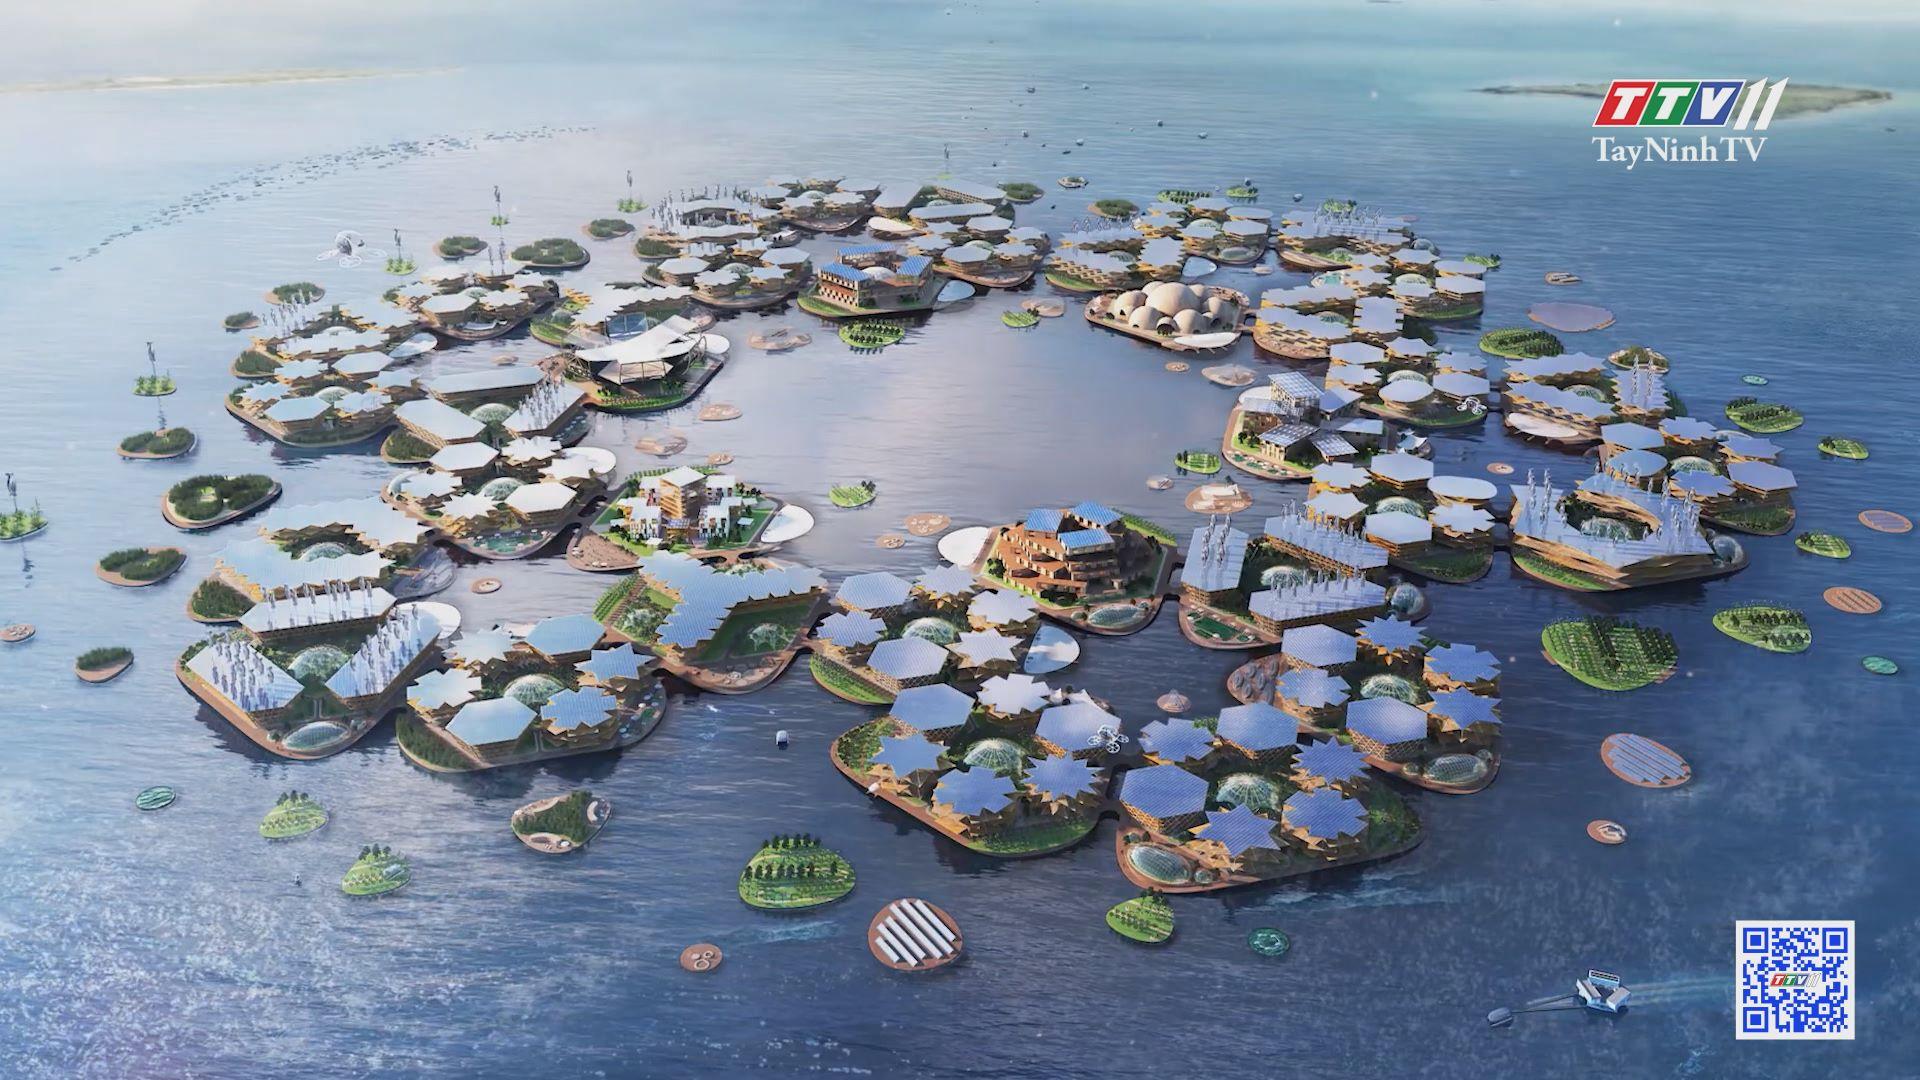 Thành phố nổi độc đáo của tương lai | CHUYỆN ĐÔNG TÂY KỲ THÚ | TayNinhTVE